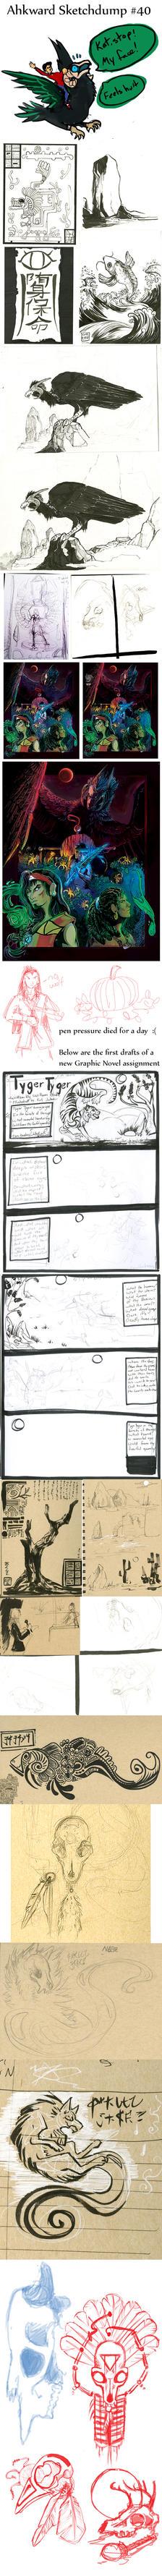 Sketchdump #40 by Ahkward